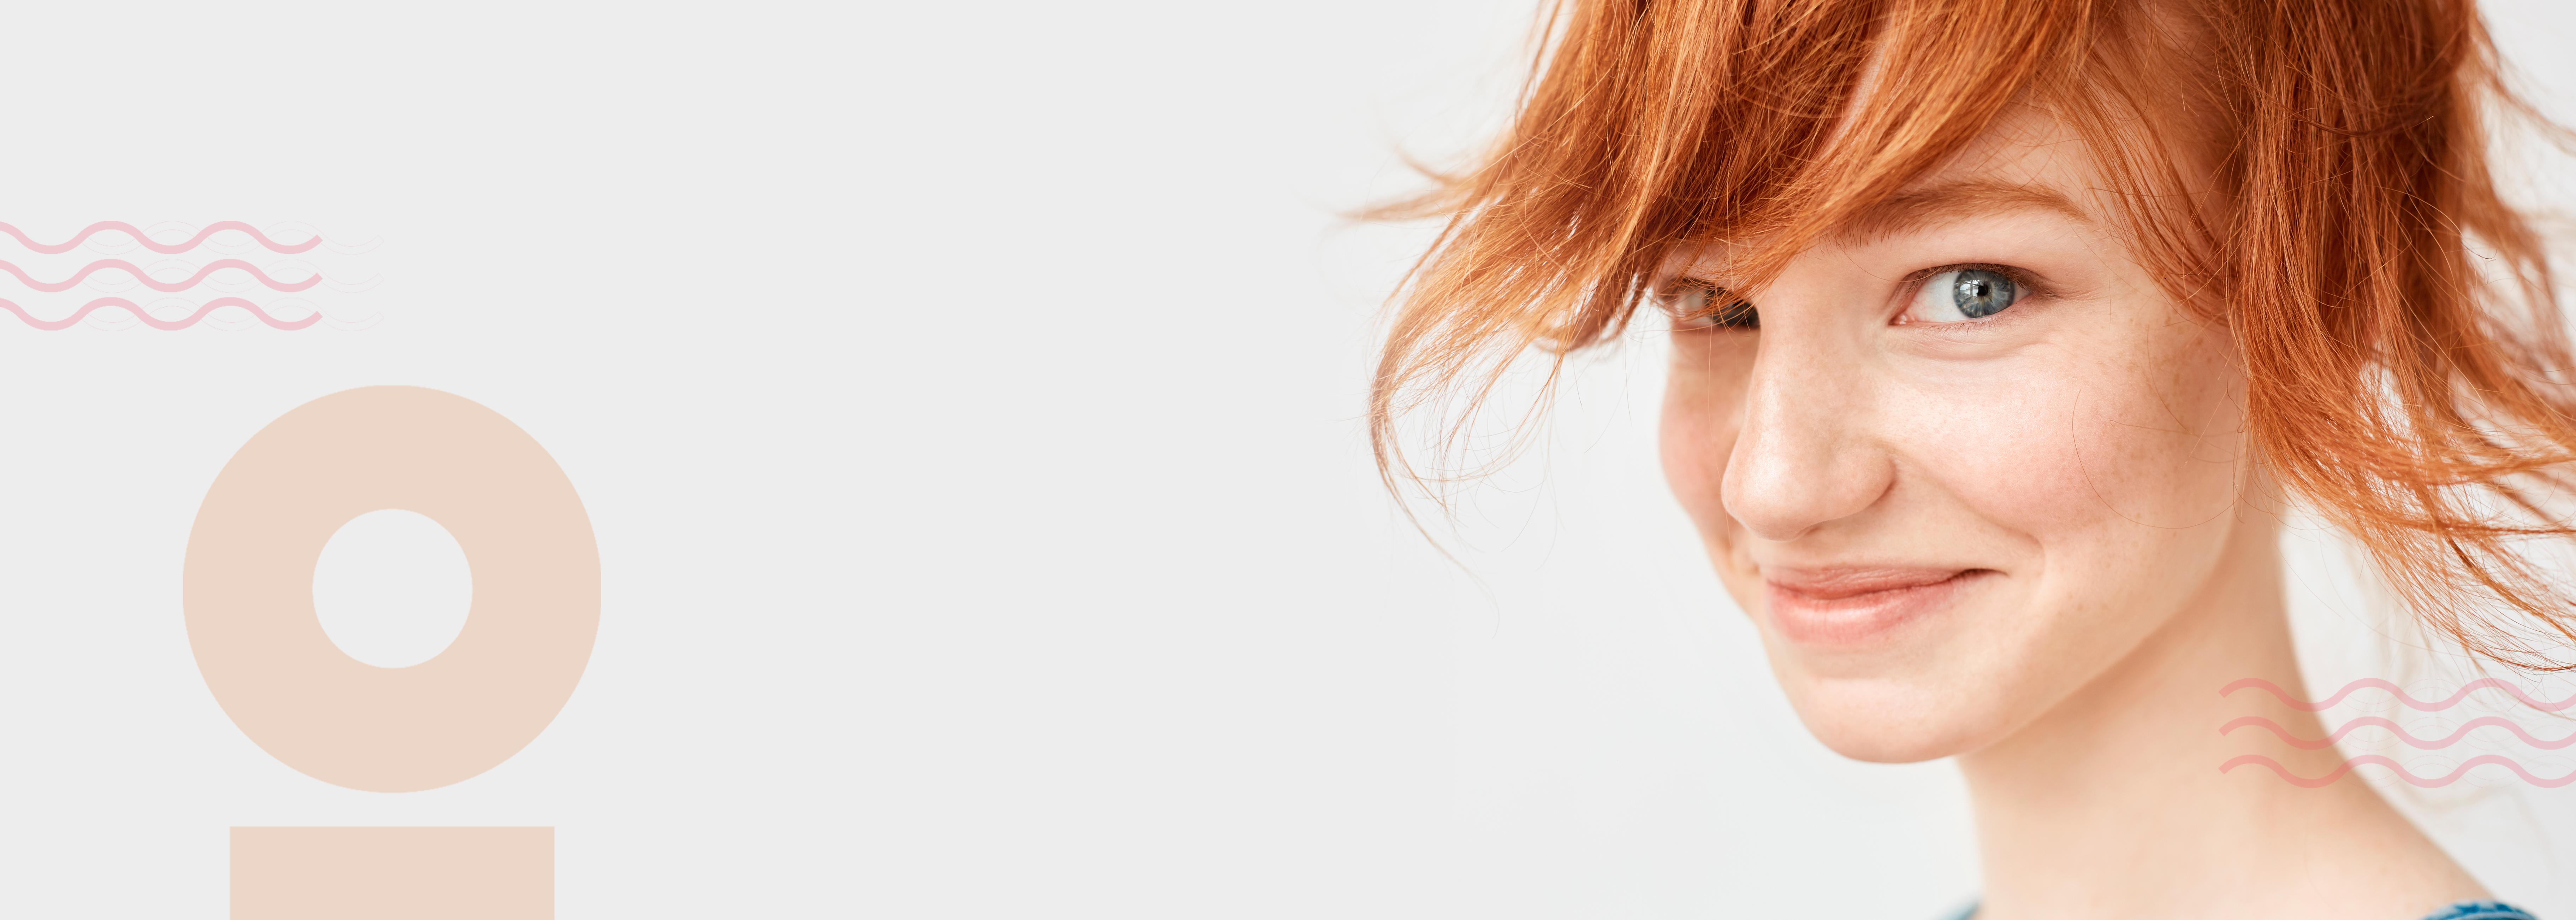 como cuidar el pelo keratina